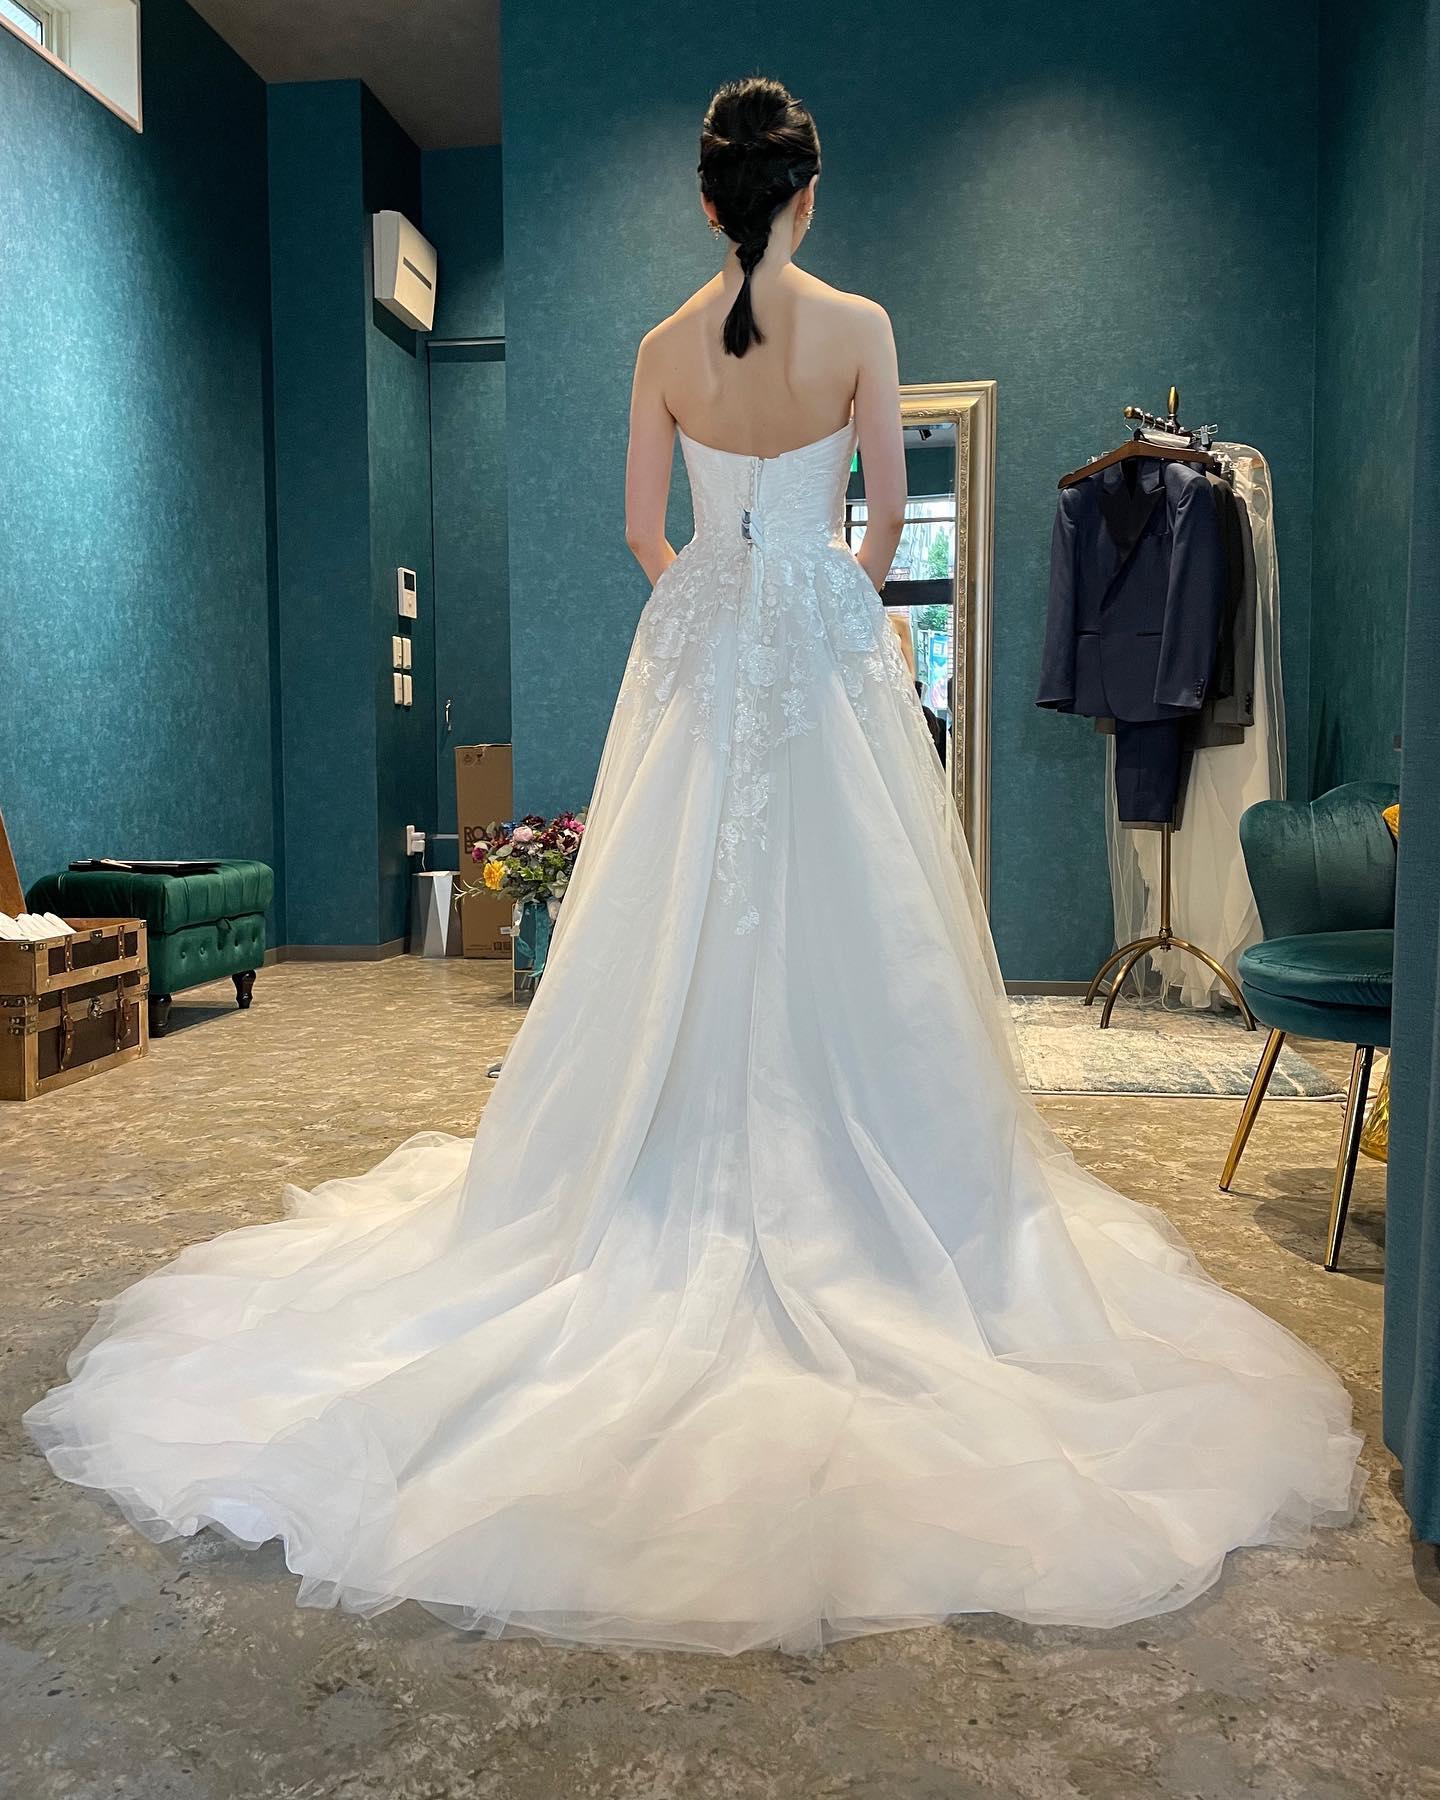 """・先日のご試着のお客様♀️・艶やかなレースとスパンコールが動く度に美しい#Aラインドレス 上品な#ハートカット が上半身をすっきりと見せてくれます🤍トレーンも長く程よいボリューム感で大人可愛さを表現・ご新婦さまの美しいスタイルも生かされてとてもお似合いでした🥰・""""DRAKKAR""""¥320,000・#wedding #weddingdress #claras #paris #vowrenewal #aoyama #spur  #ellemariage #vogue#ウェディングドレス #プレ花嫁 #ドレス試着 #ヘアメイク #結婚式  #ドレス選び #前撮り #フォトウェディング #ゼクシィ #フォト婚 #前撮り写真 #ブライダルフォト #ウェディングドレス探し #ウェディングドレス試着 #レンタルドレス #ドレスショップ  #ドレス迷子"""